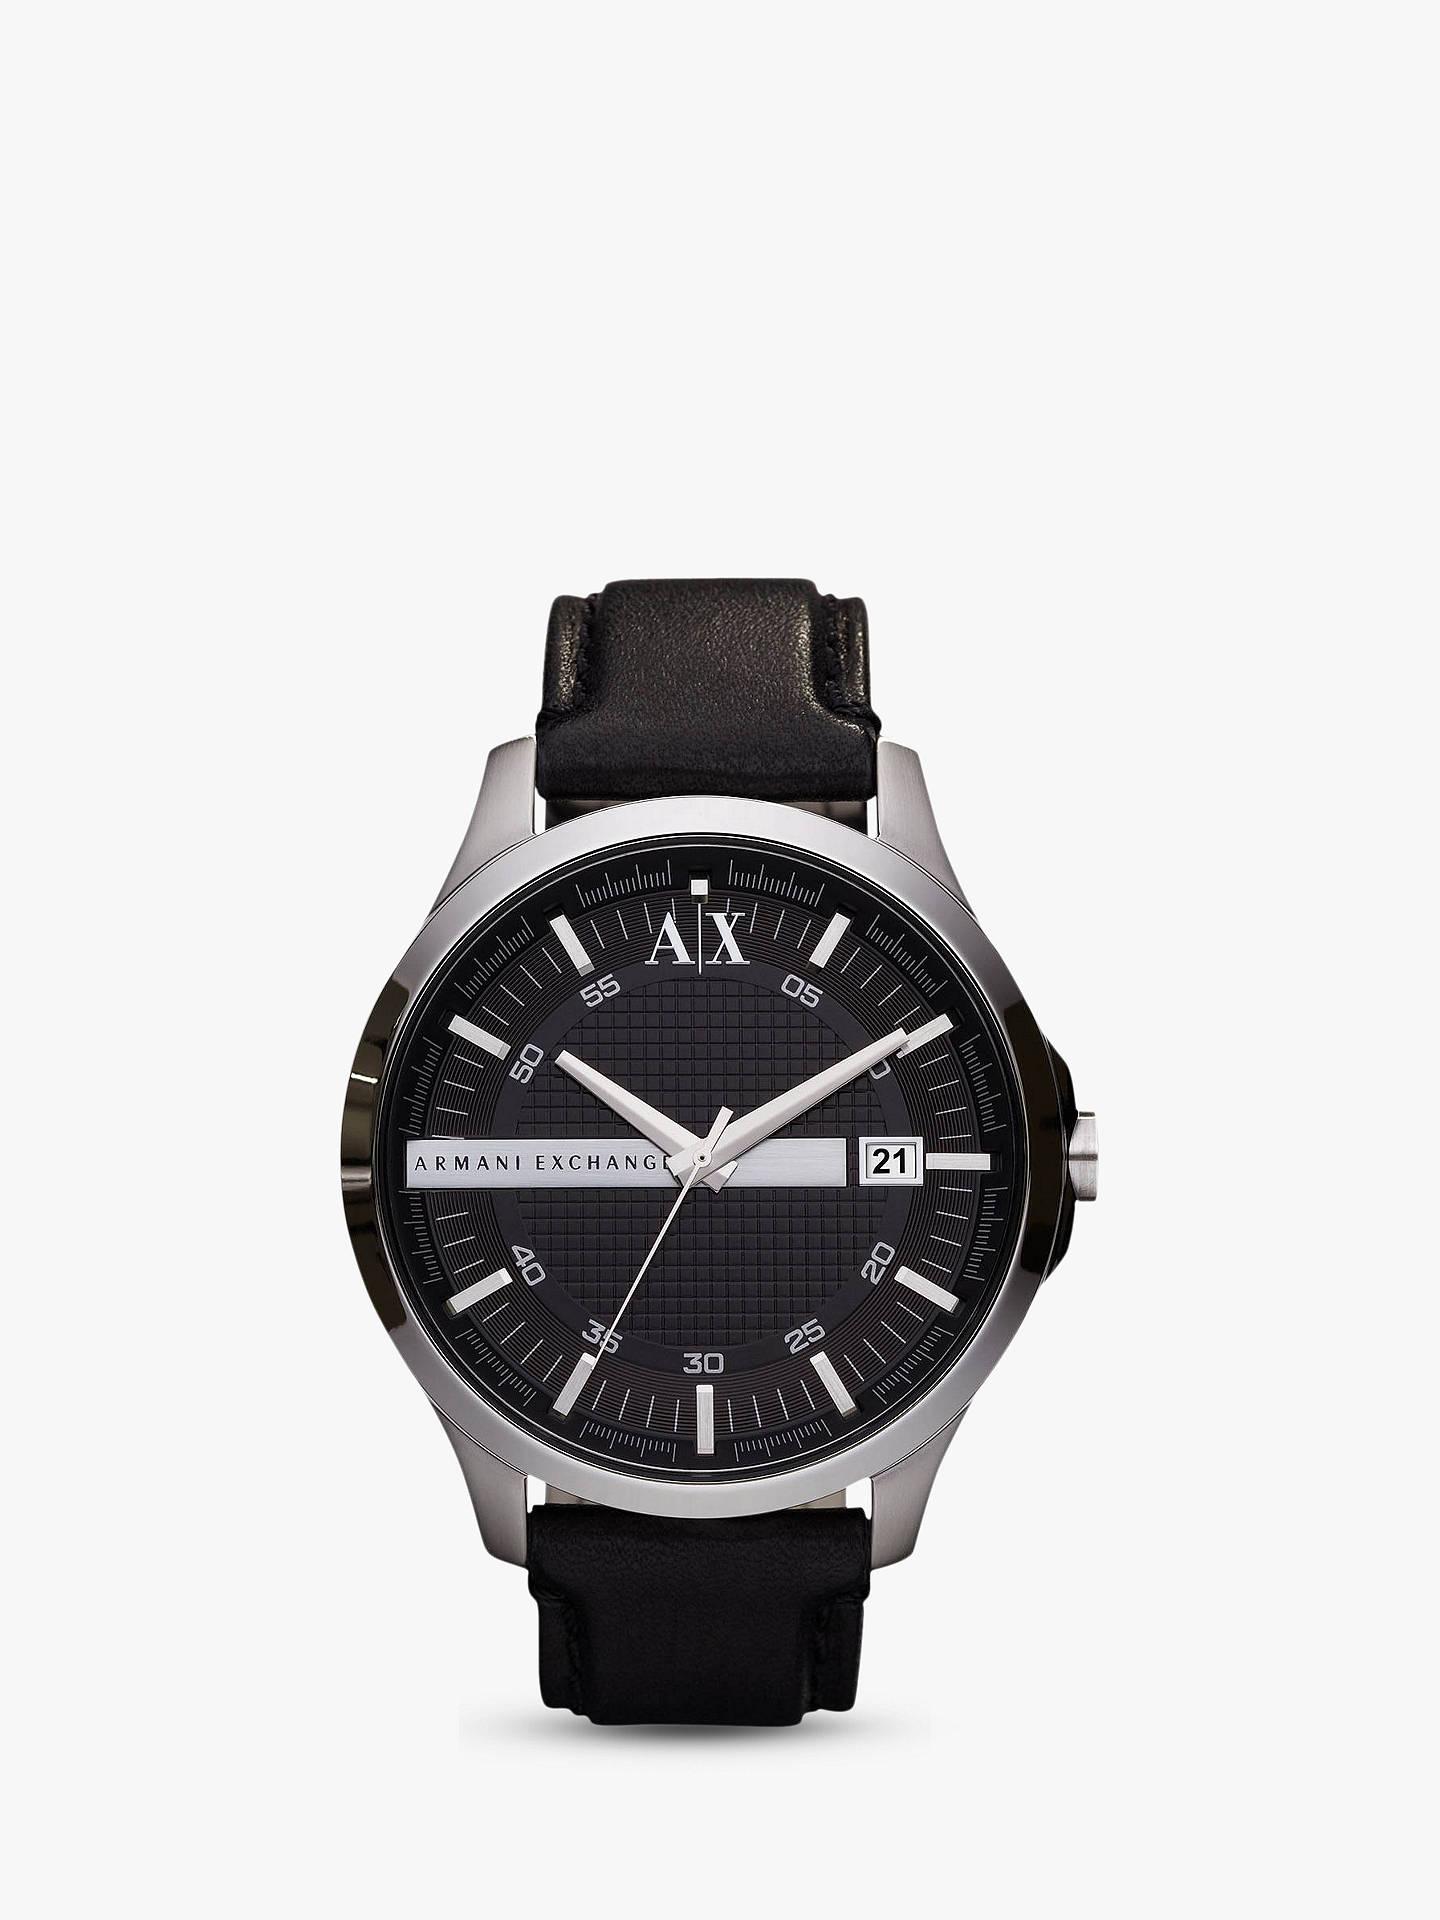 260e9d23c857 BuyArmani Exchange AX2101 Men s Date Leather Strap Watch